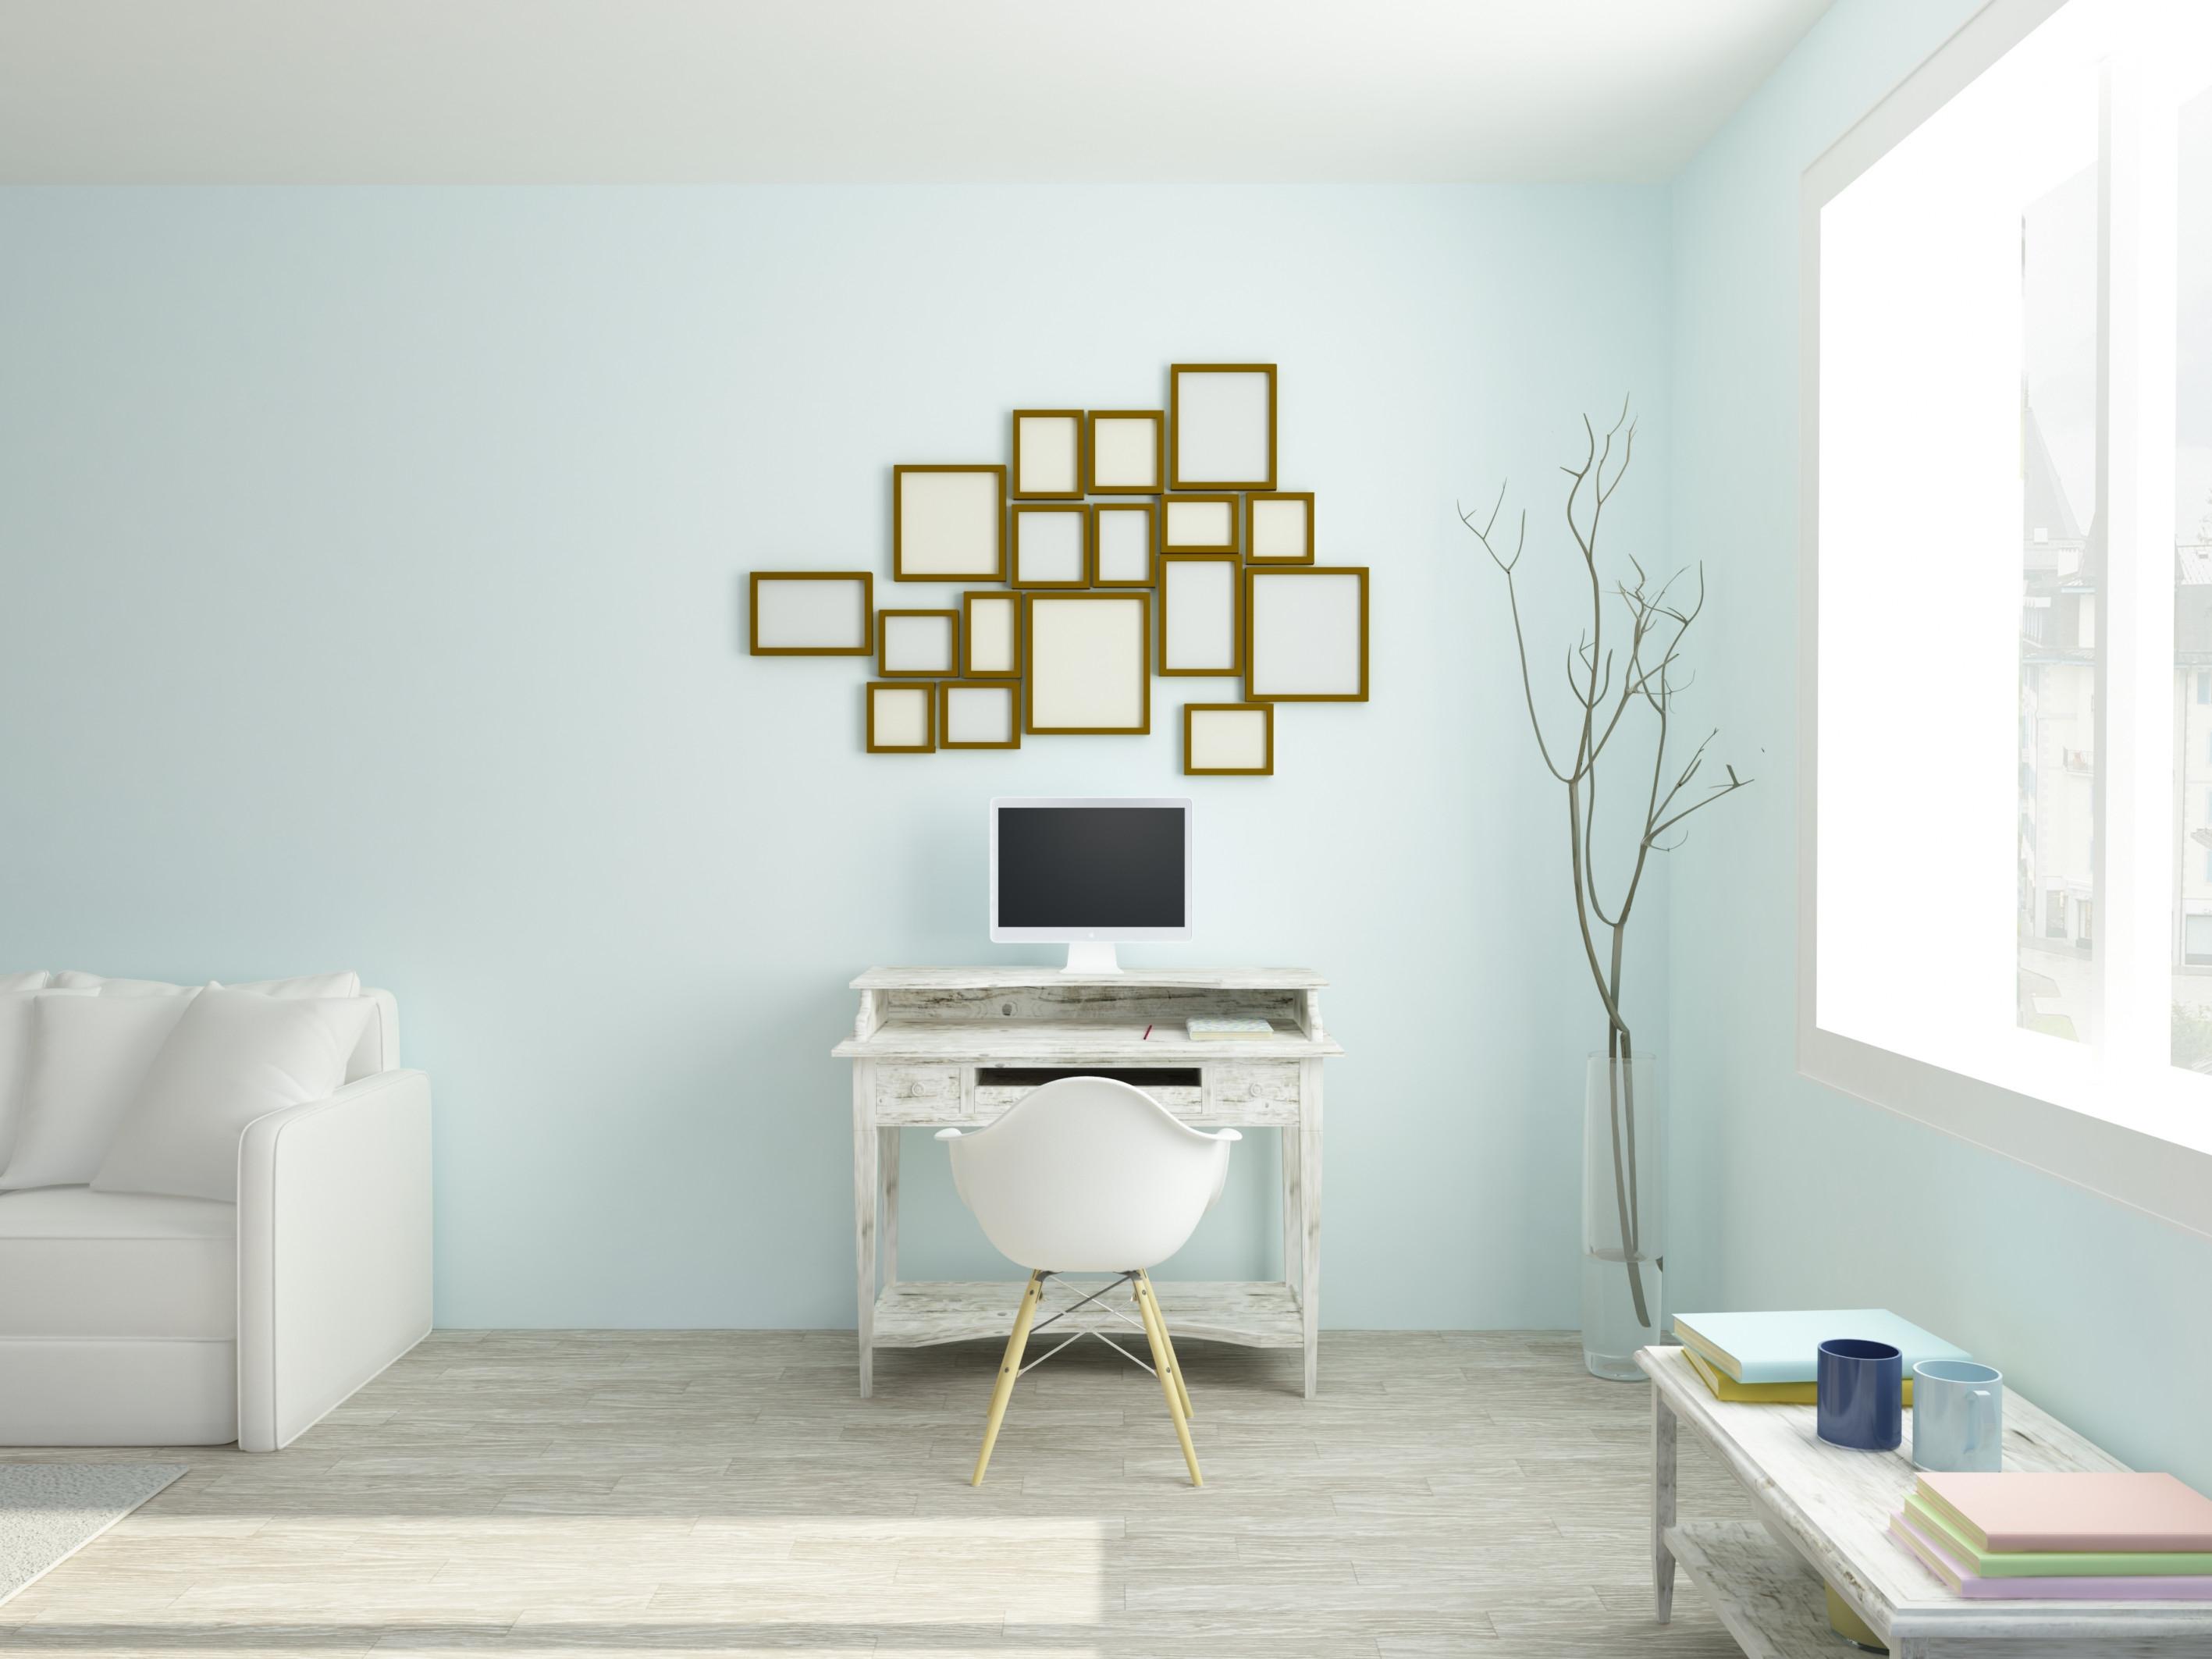 Bilder In Der Neuen Wohnung Aufhängen – So Wird Es Schön von Bilder Im Wohnzimmer Aufhängen Photo